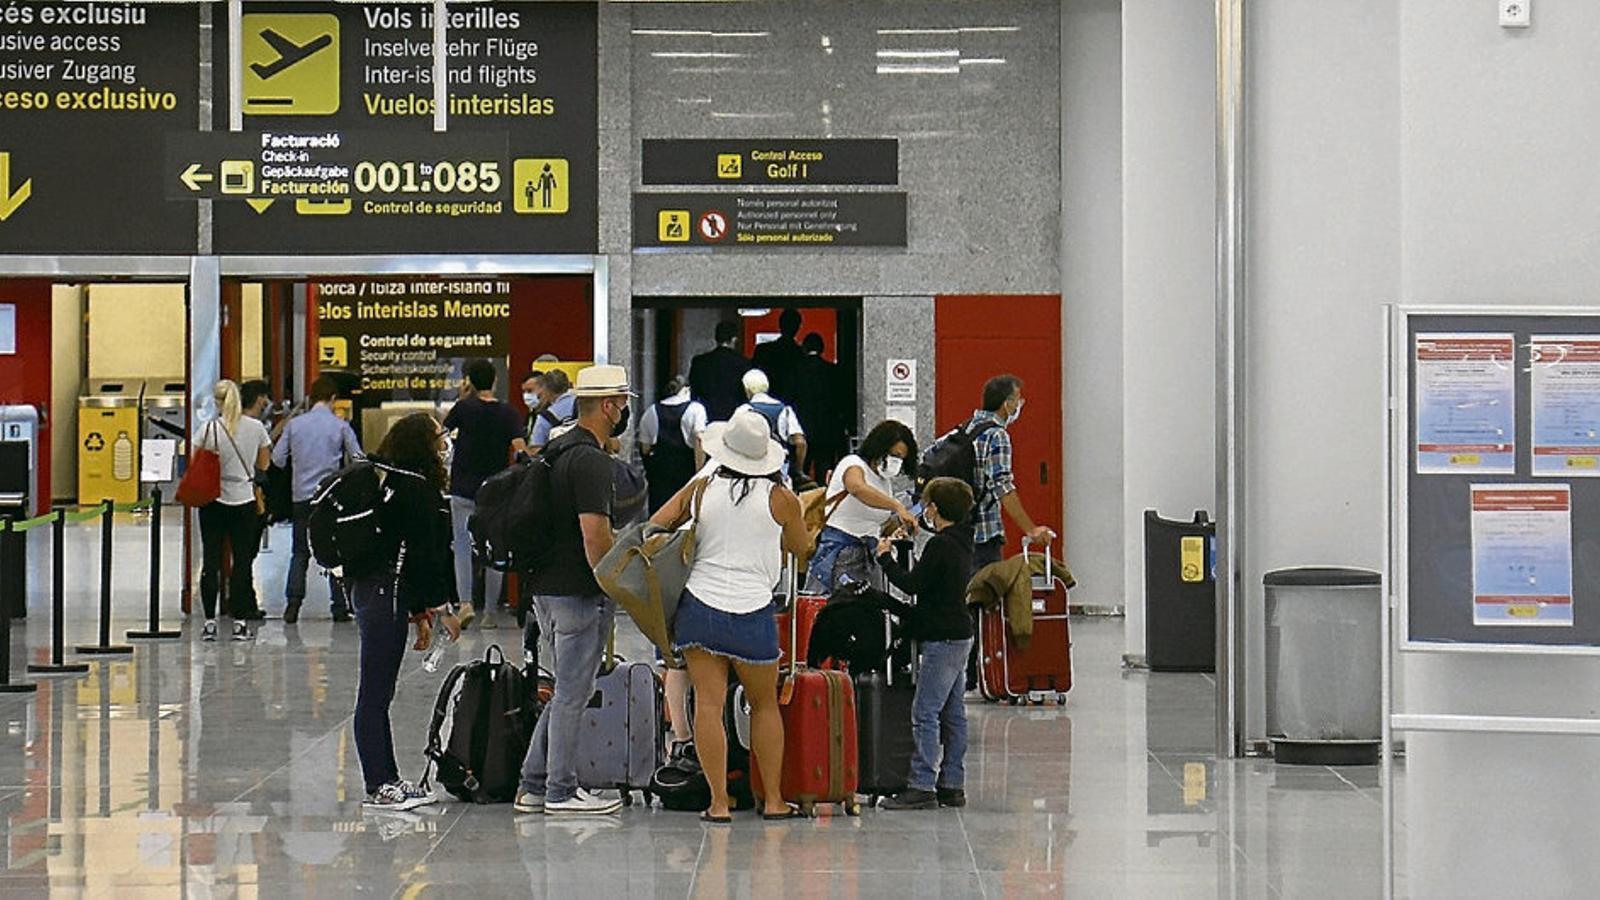 El pla pilot de turisme durà a les Balears 47 vols d'Alemanya: 39 a Mallorca, set a Eivissa i un a Menorca